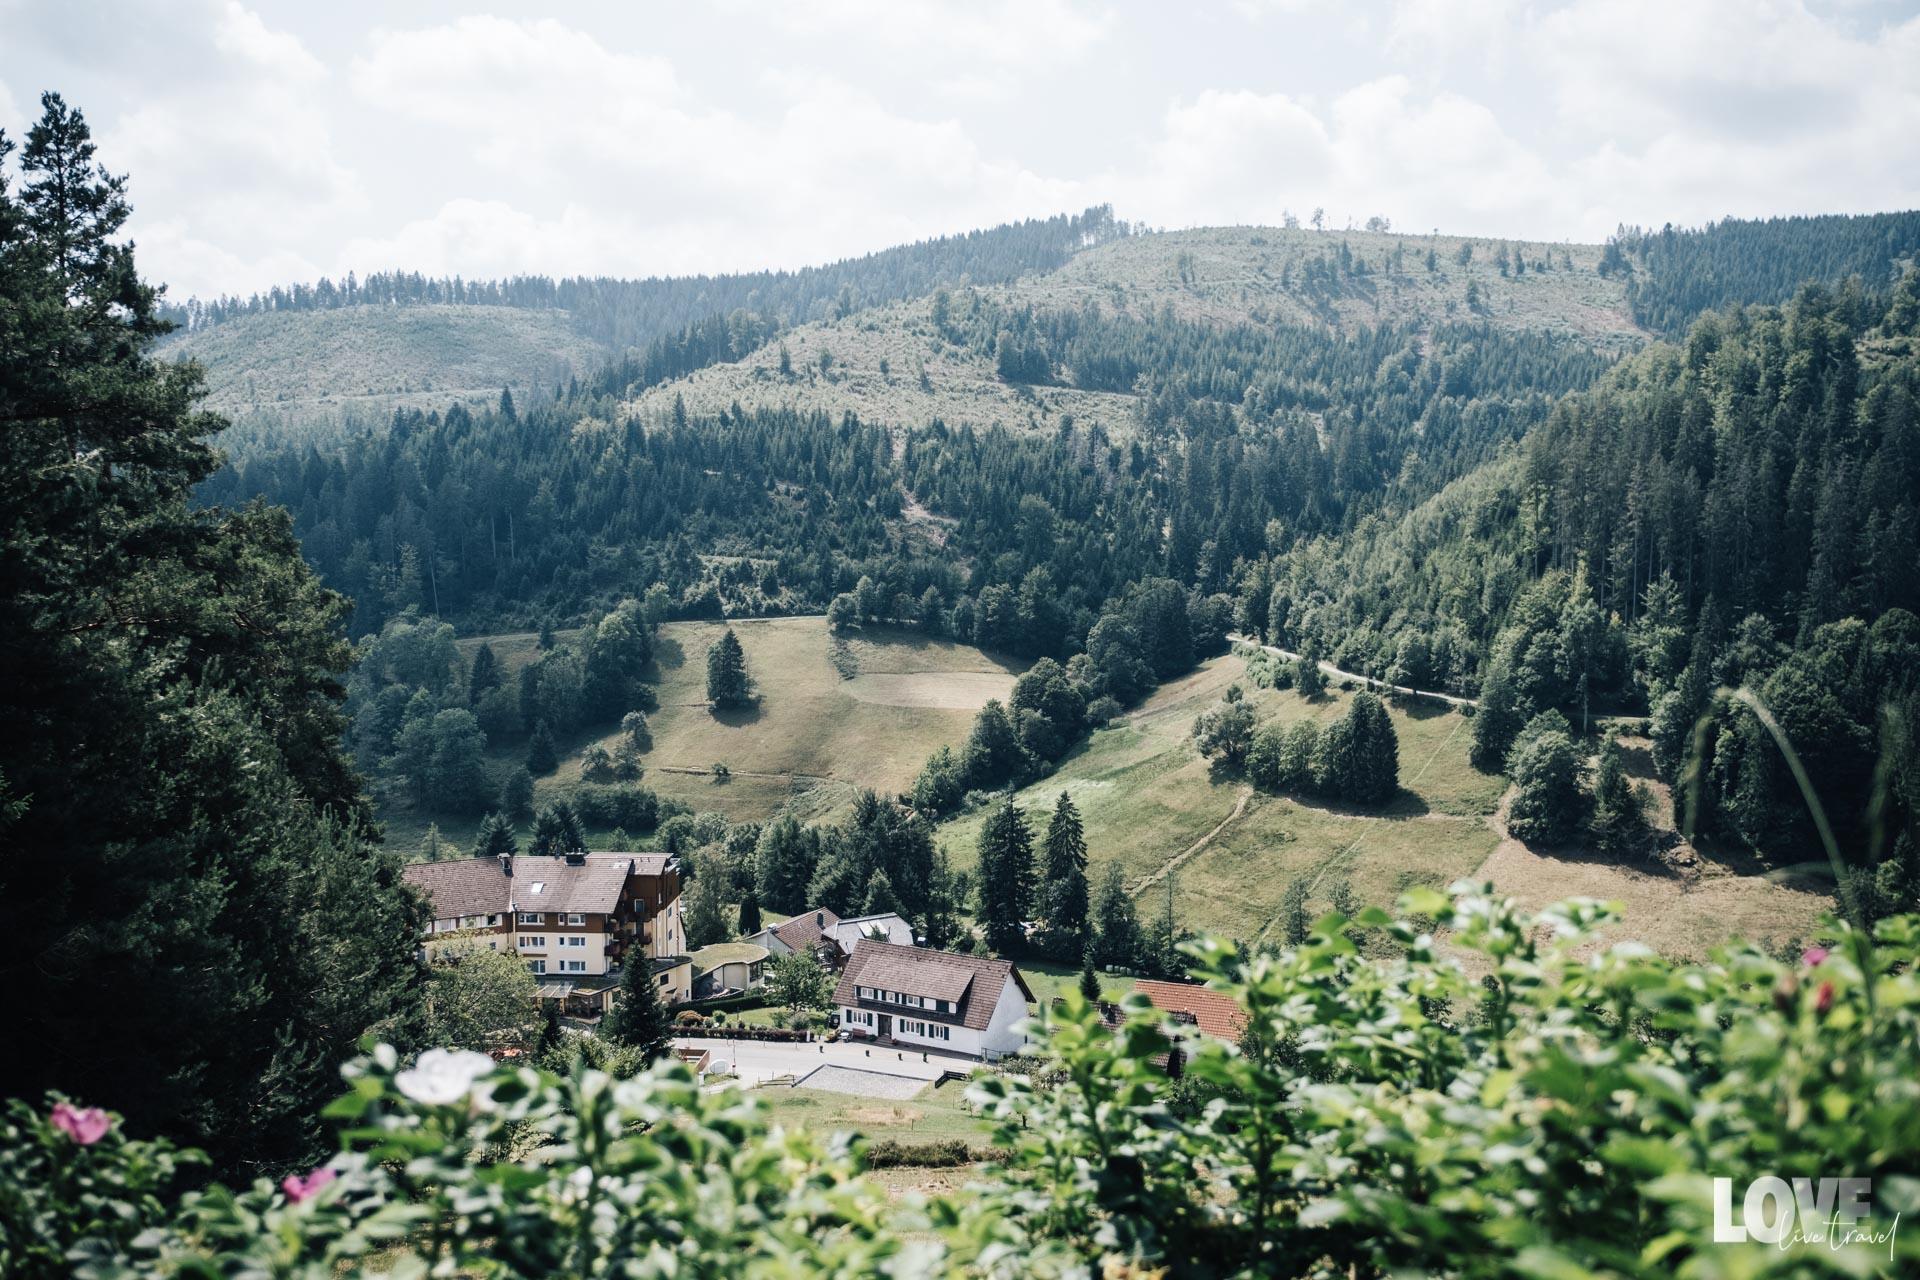 Un Week End détente et gastronomique dans le Bade-Wurtemberg, en Allemagne